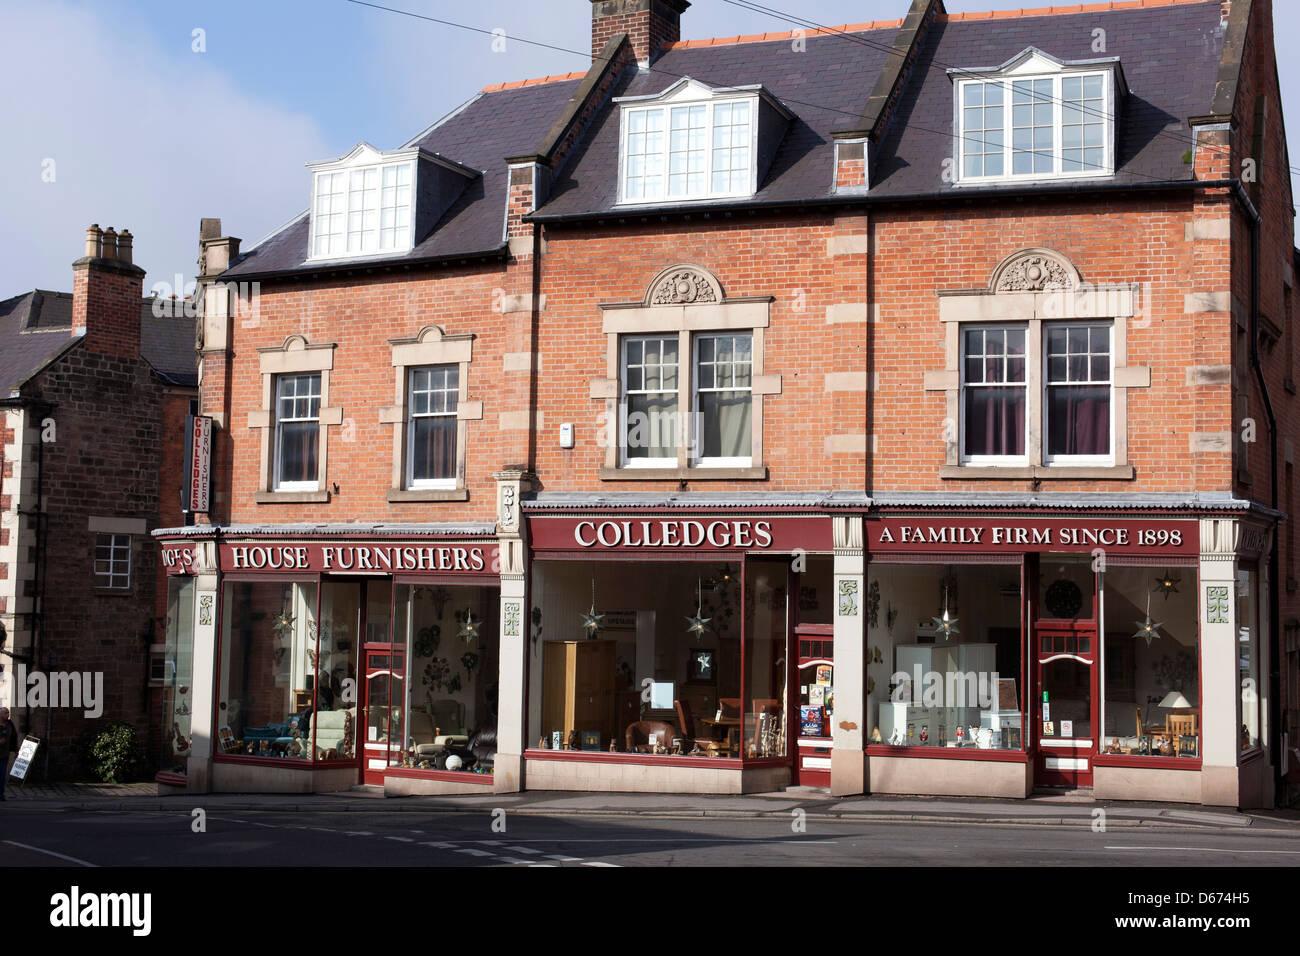 Colledges furniture store stabilito 1898, Luogo di mercato, Belper, Derbyshire, England, Regno Unito Immagini Stock